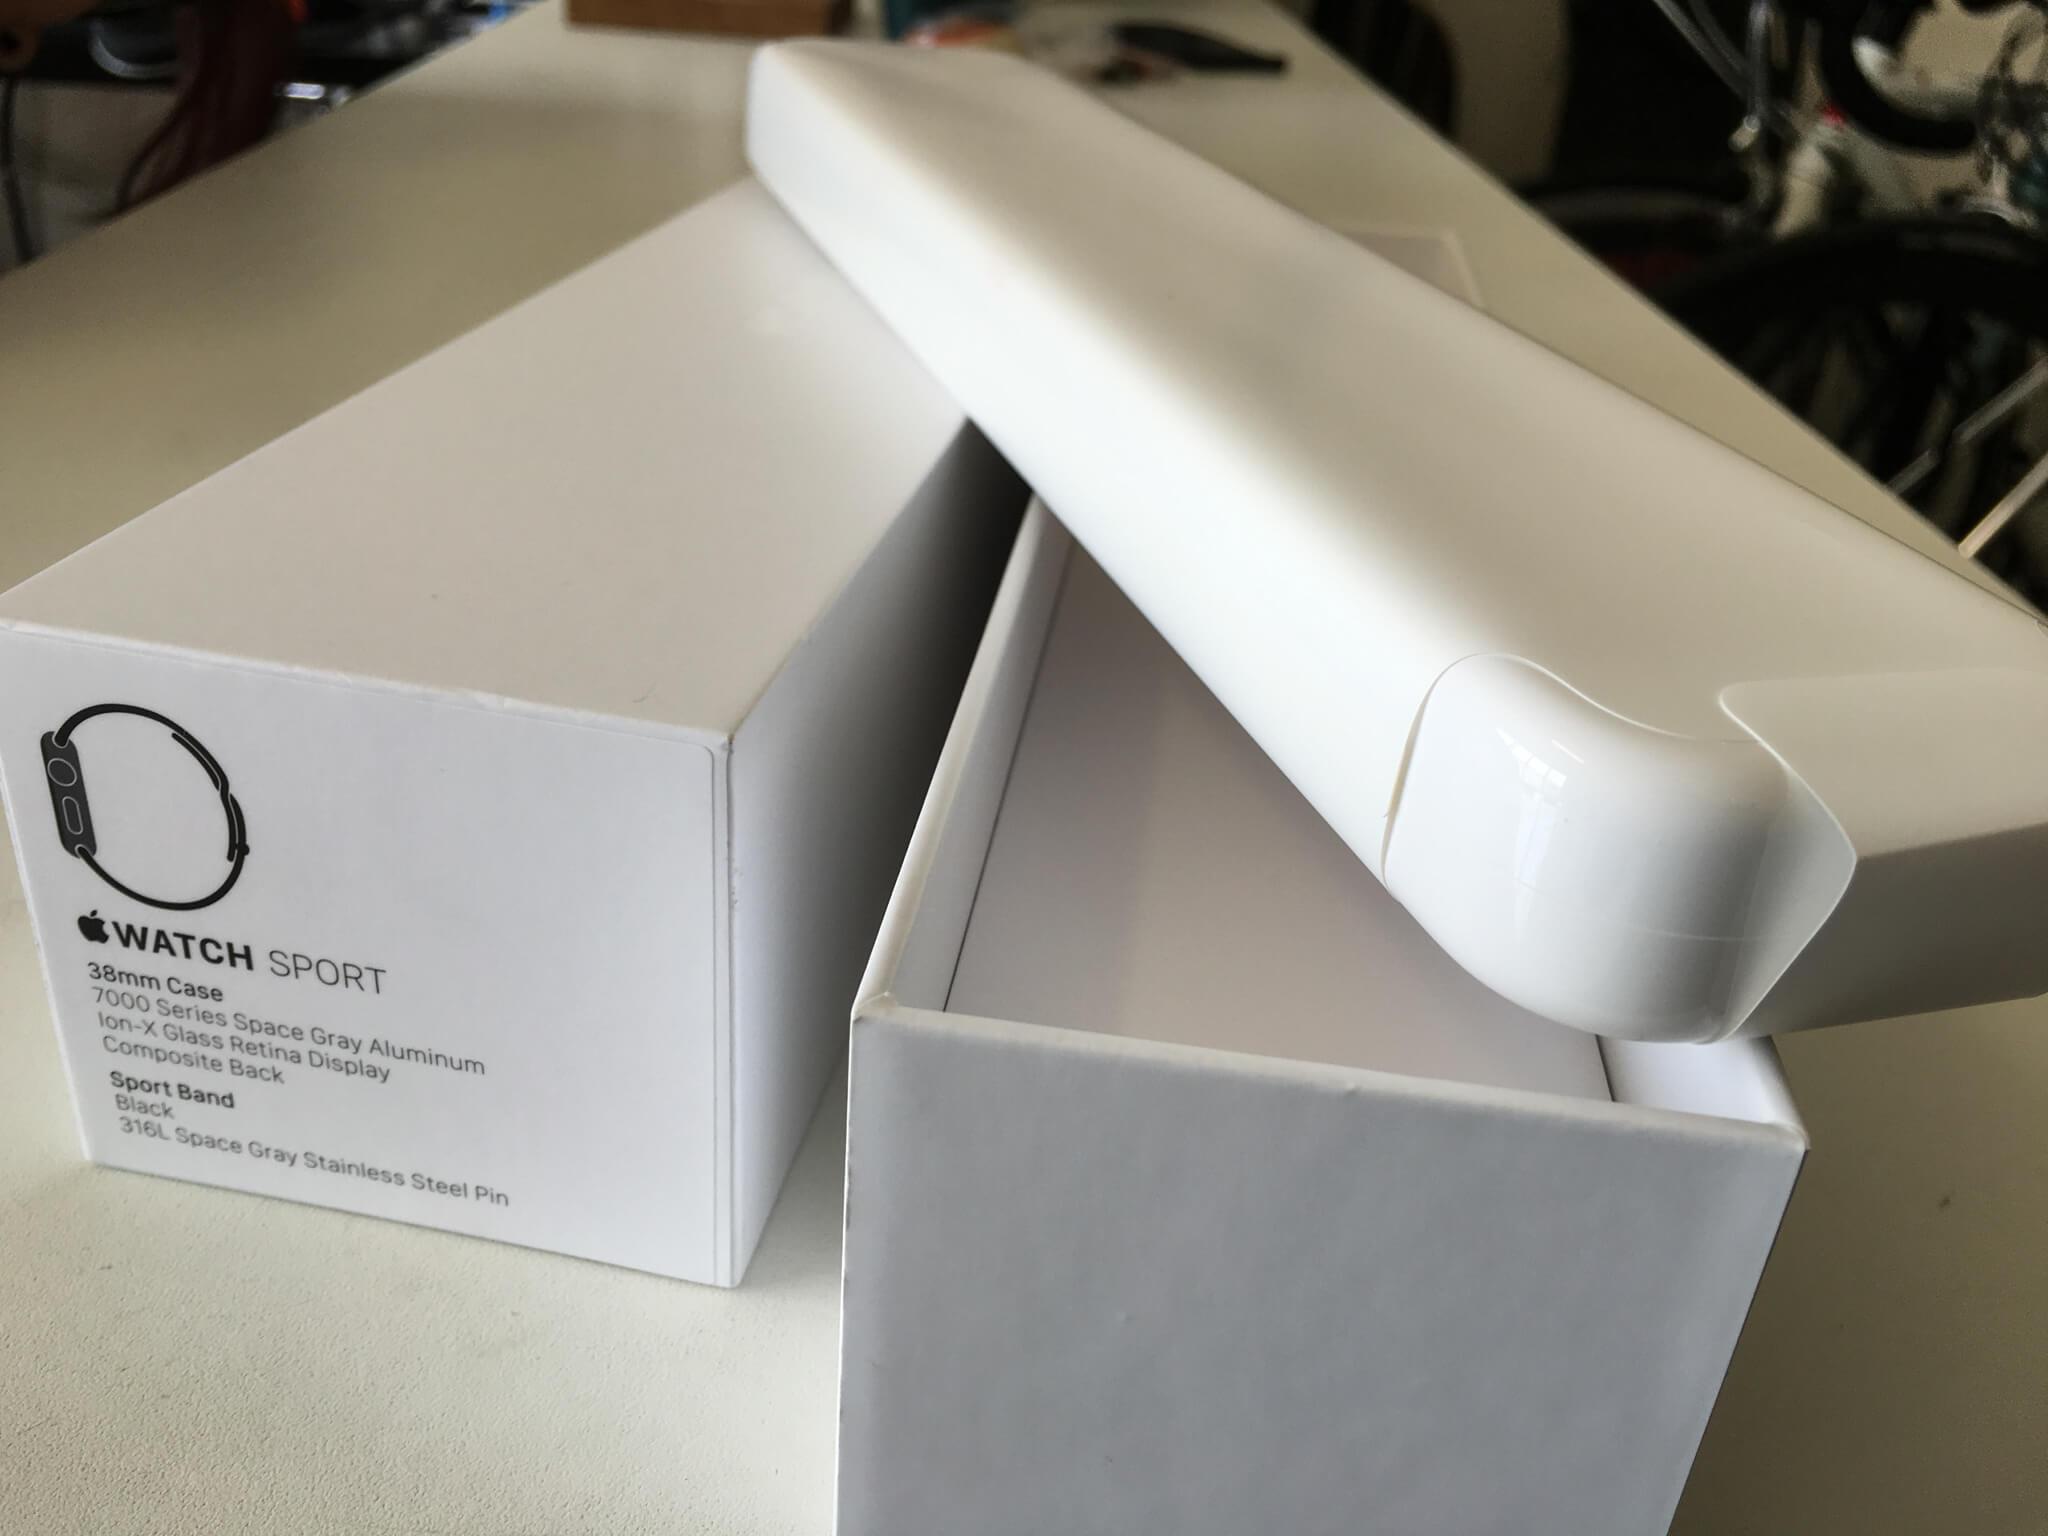 有別以往的 Apple Device,Sport Watch 倒是使用全白的包裝紙包著